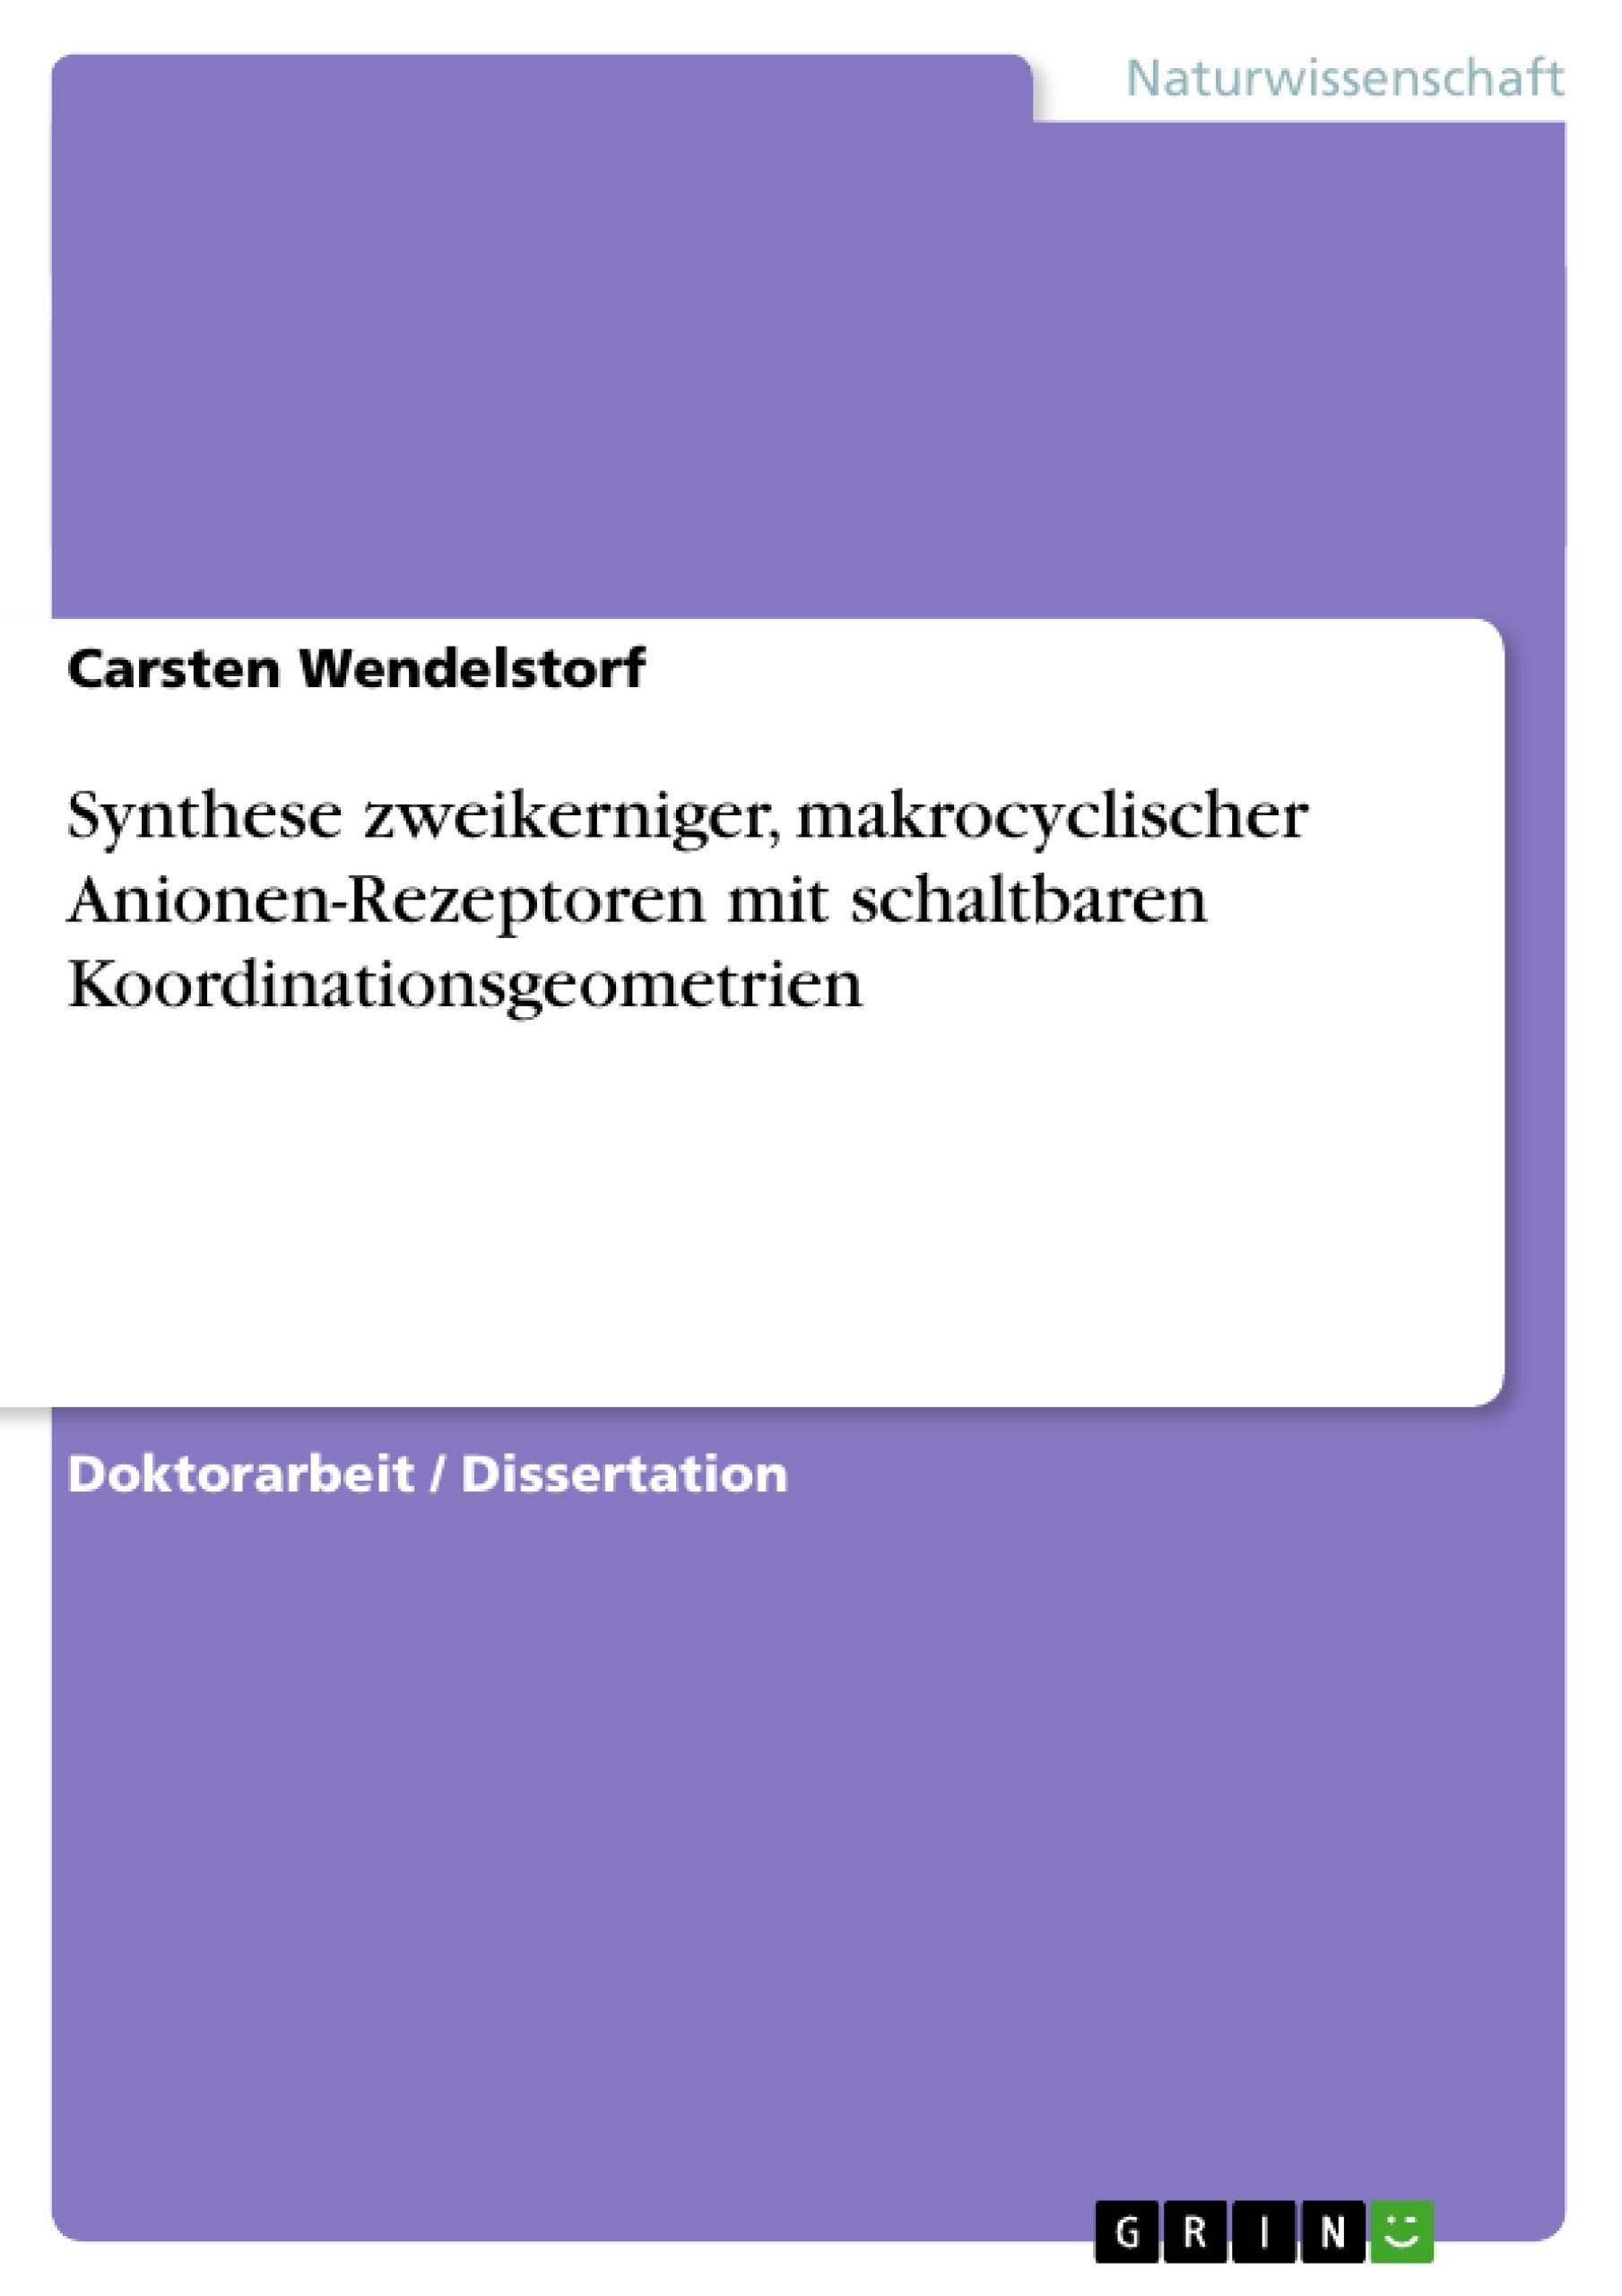 Titel: Synthese zweikerniger, makrocyclischer Anionen-Rezeptoren mit schaltbaren Koordinationsgeometrien